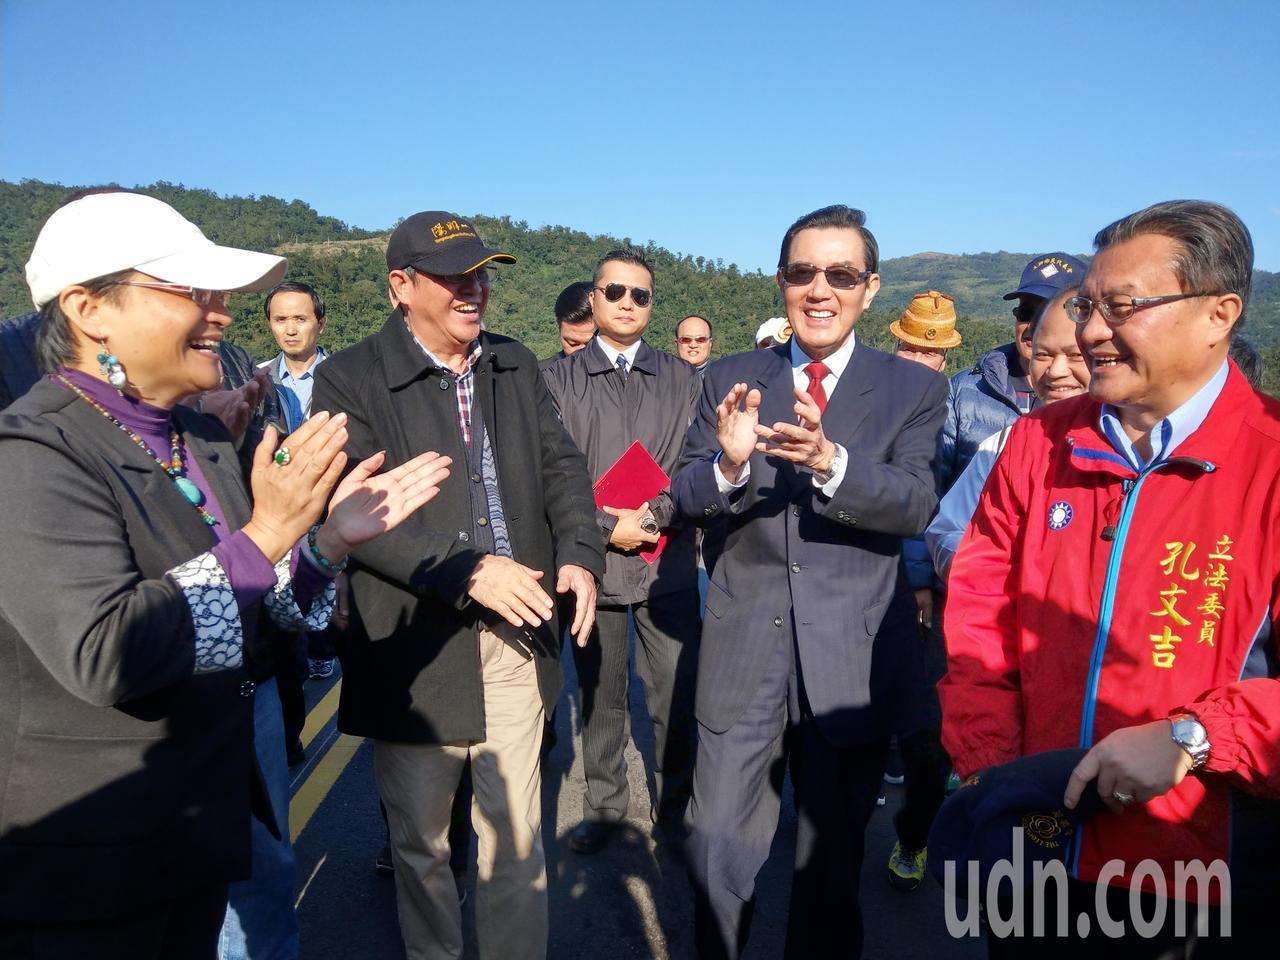 艷陽高照,前總統馬英九來到宜蘭大同鄉寒溪部落,受到族人熱烈歡迎。記者戴永華/攝影